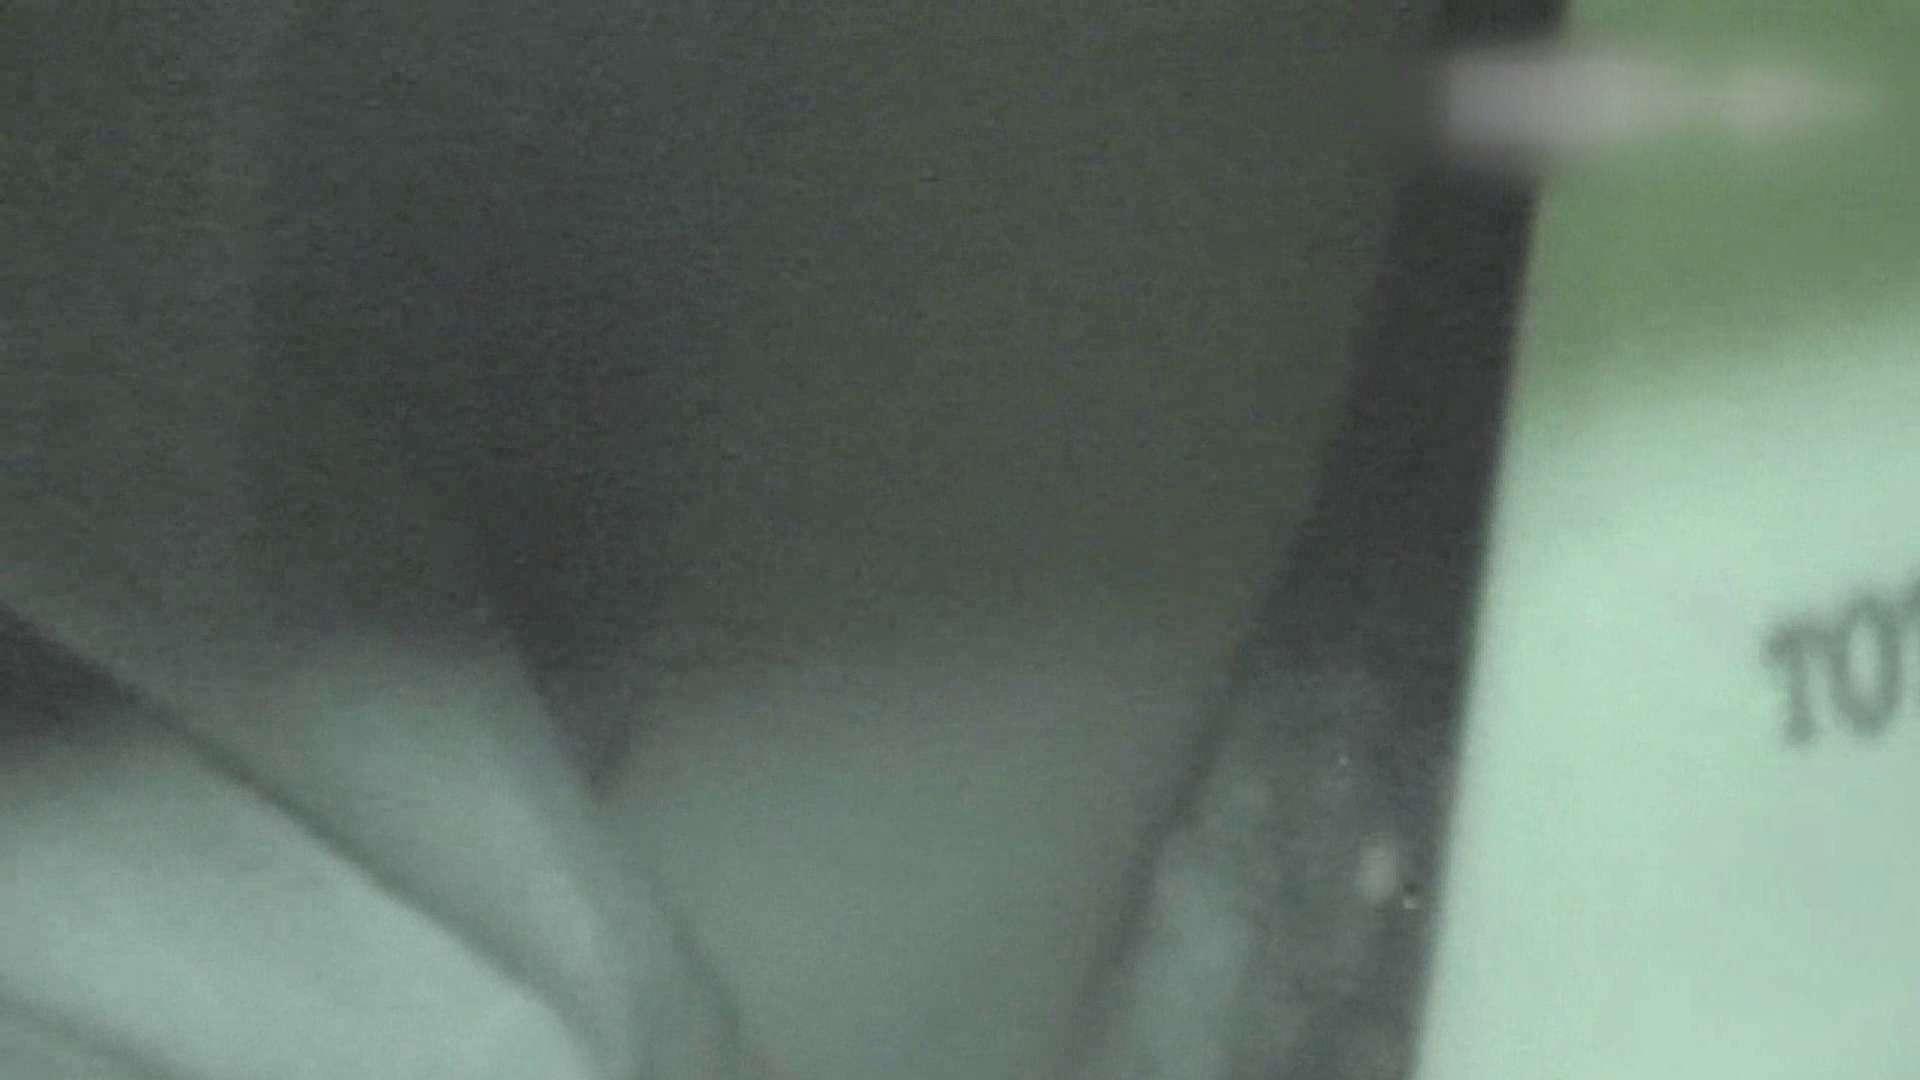 ロックハンドさんの盗撮記録File.11 厠隠し撮り   モロだしオマンコ  102pic 73